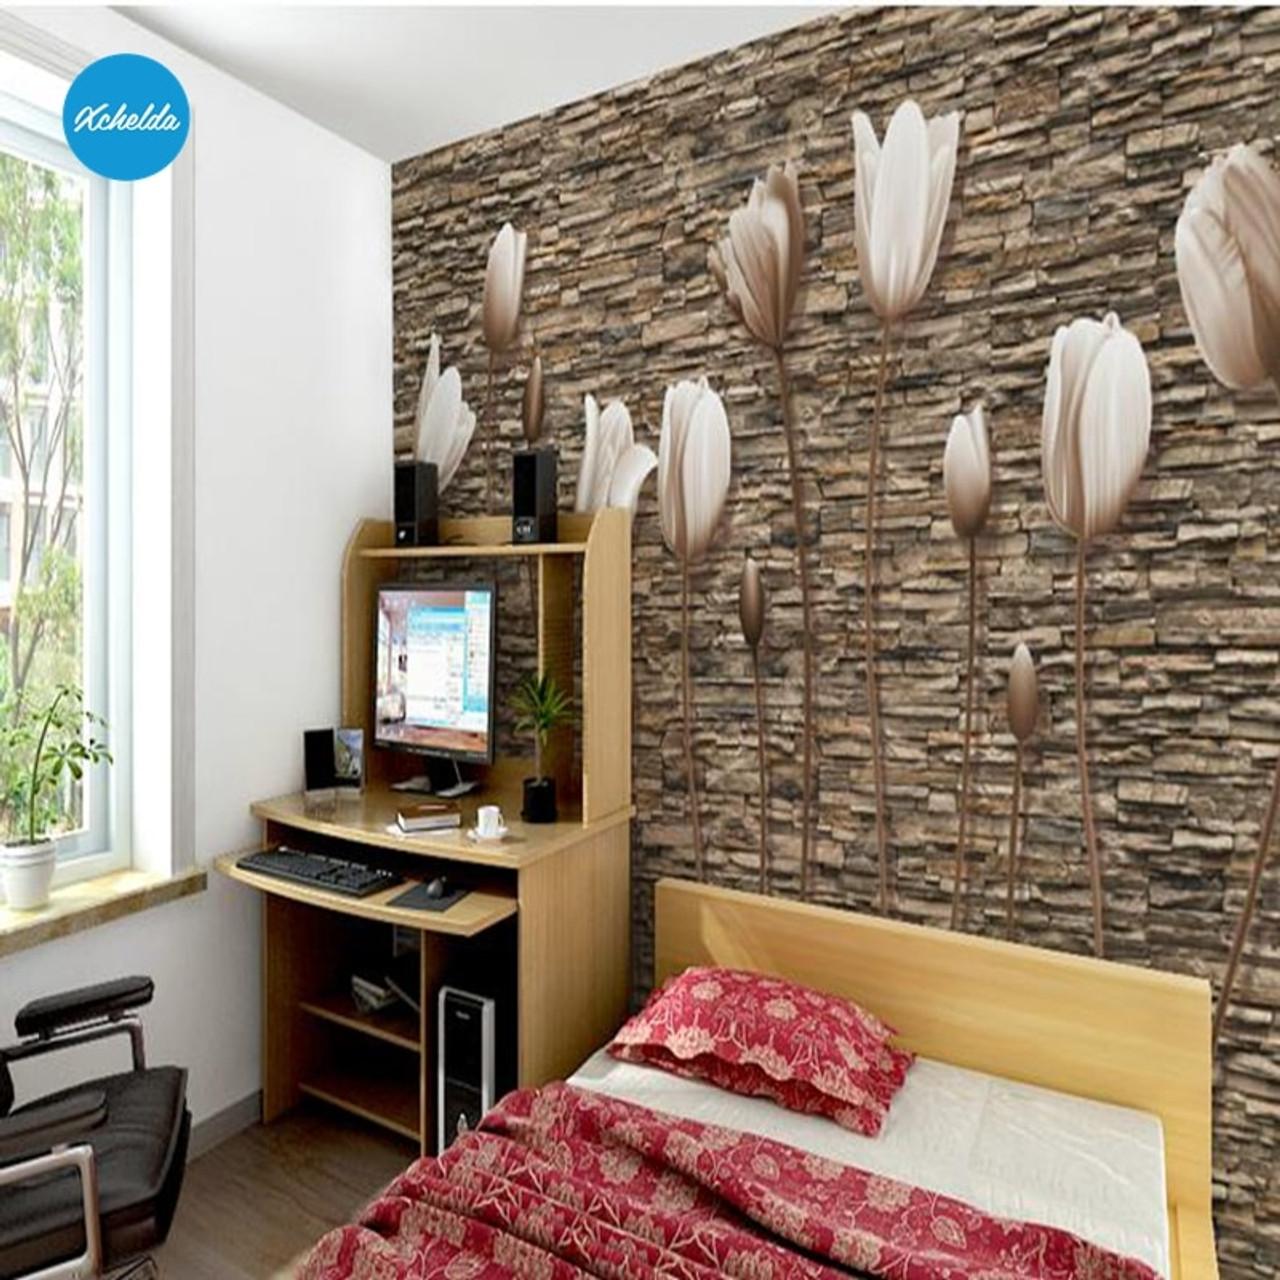 Xchelda Custom 3d Wallpaper Design Retro Stereo Buds Photo Kitchen